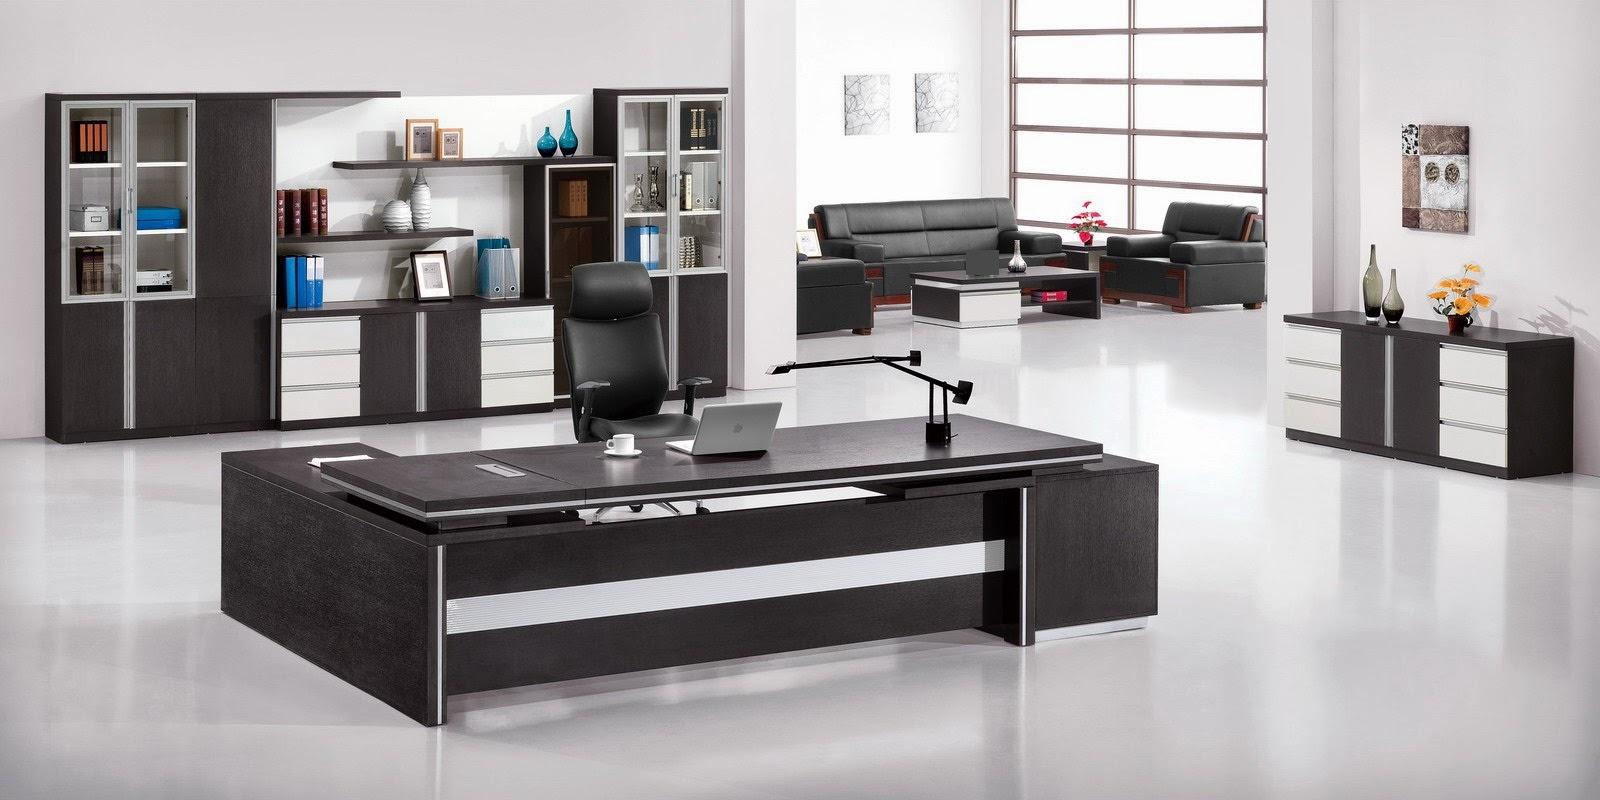 Idee Decoration Bureau Professionnel | Bureau Deco Industriel Oveetech